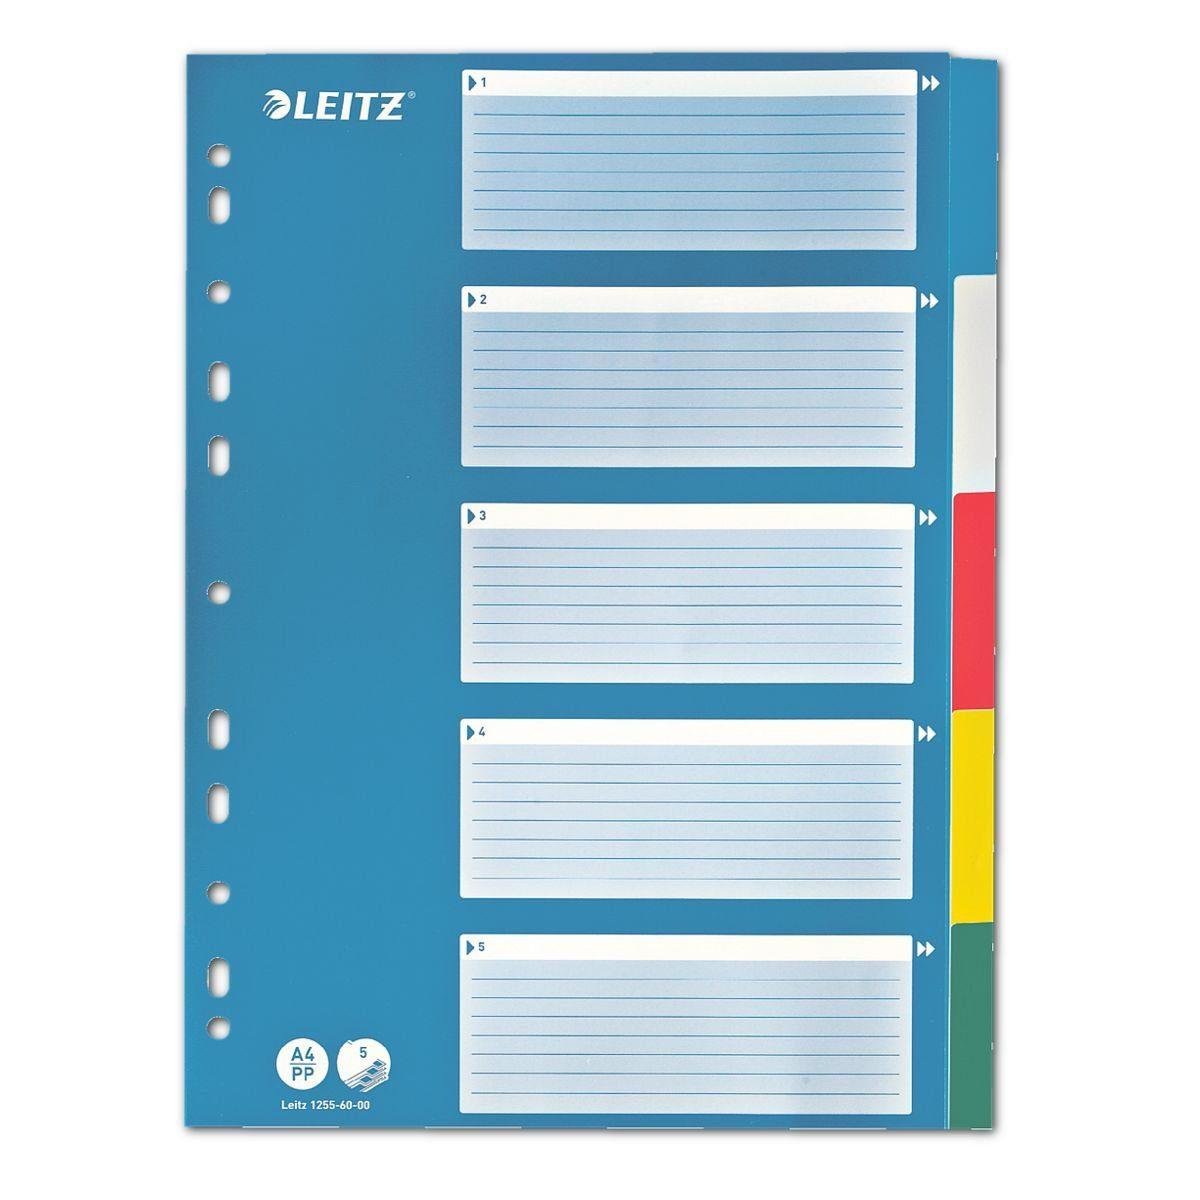 Leitz Kunststoffregister 5-teilig blanko A4 »1255«